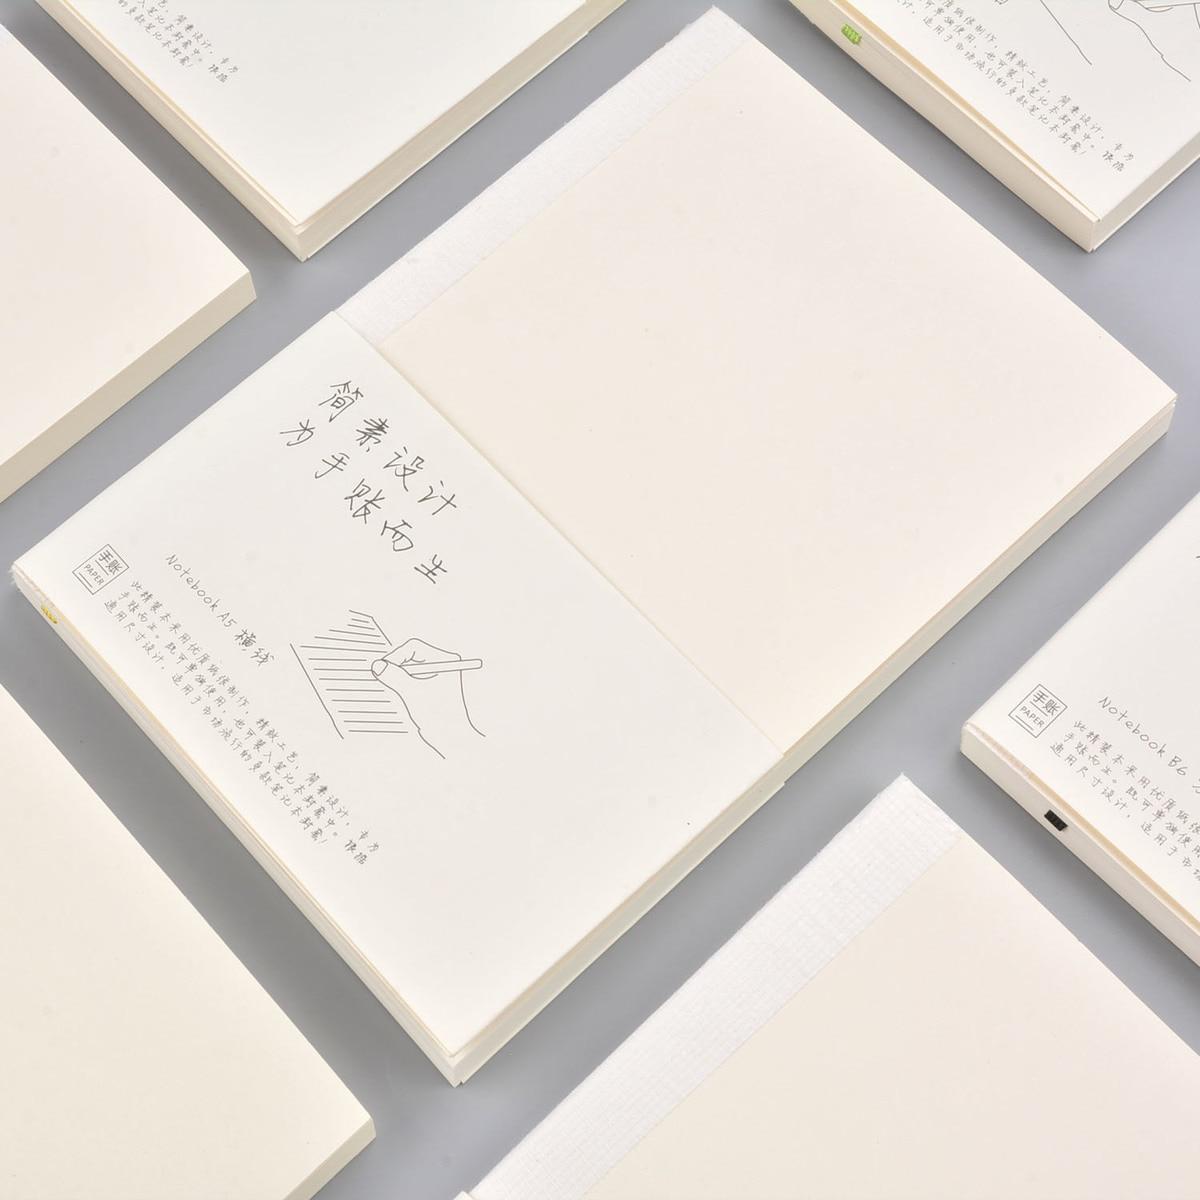 100g de papel de cuaderno en blanco básicos bala diario 88 hojas planificador introduzca lácteos relleno para A5 A6 tamaño bolso Original primo cubierta